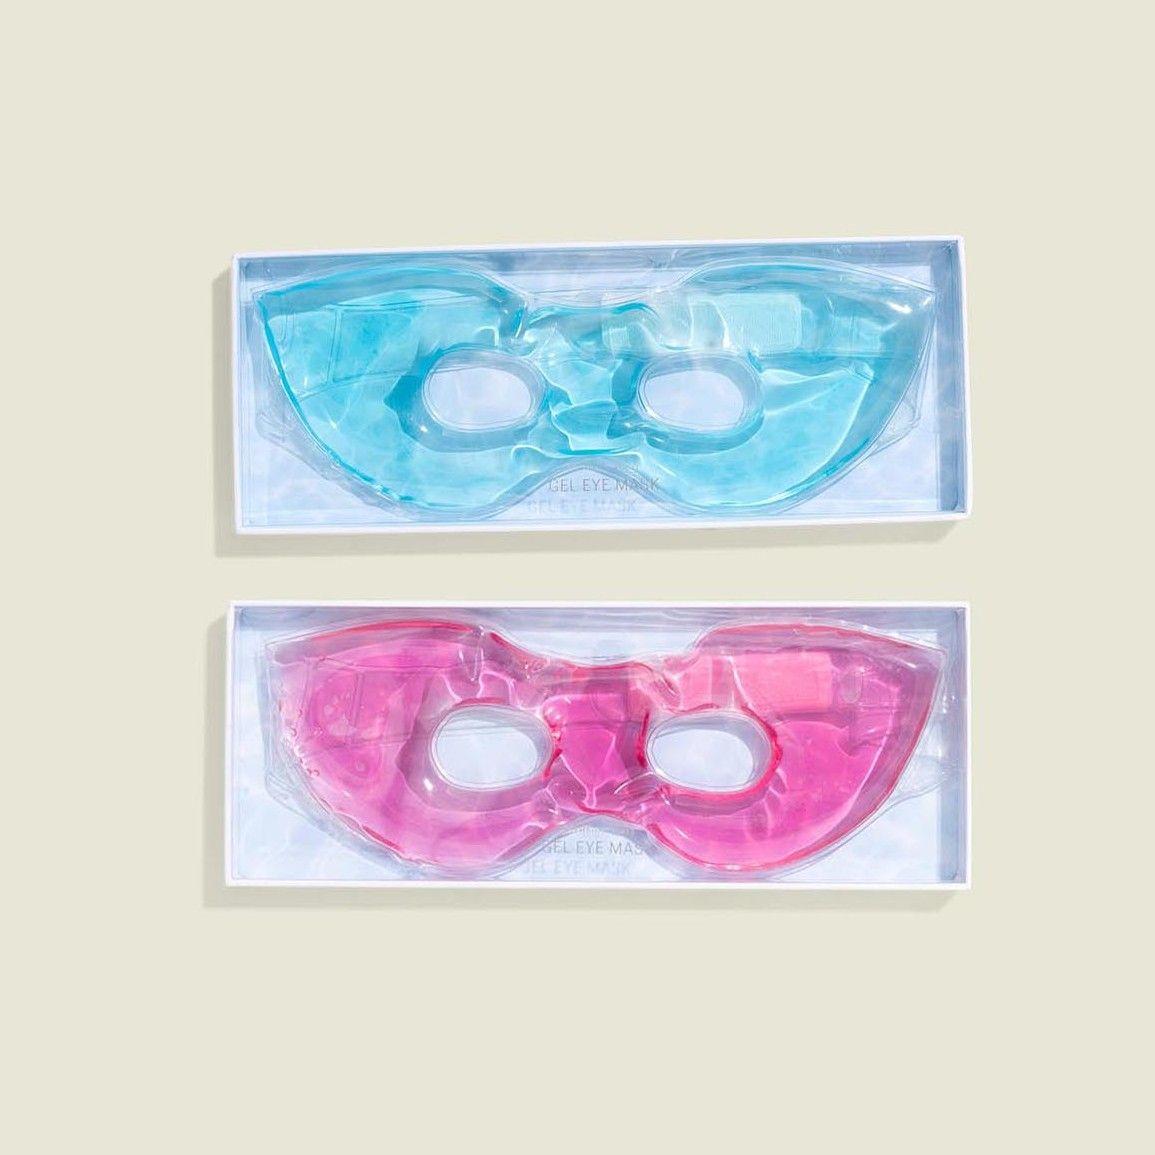 Custom packaged eye masks